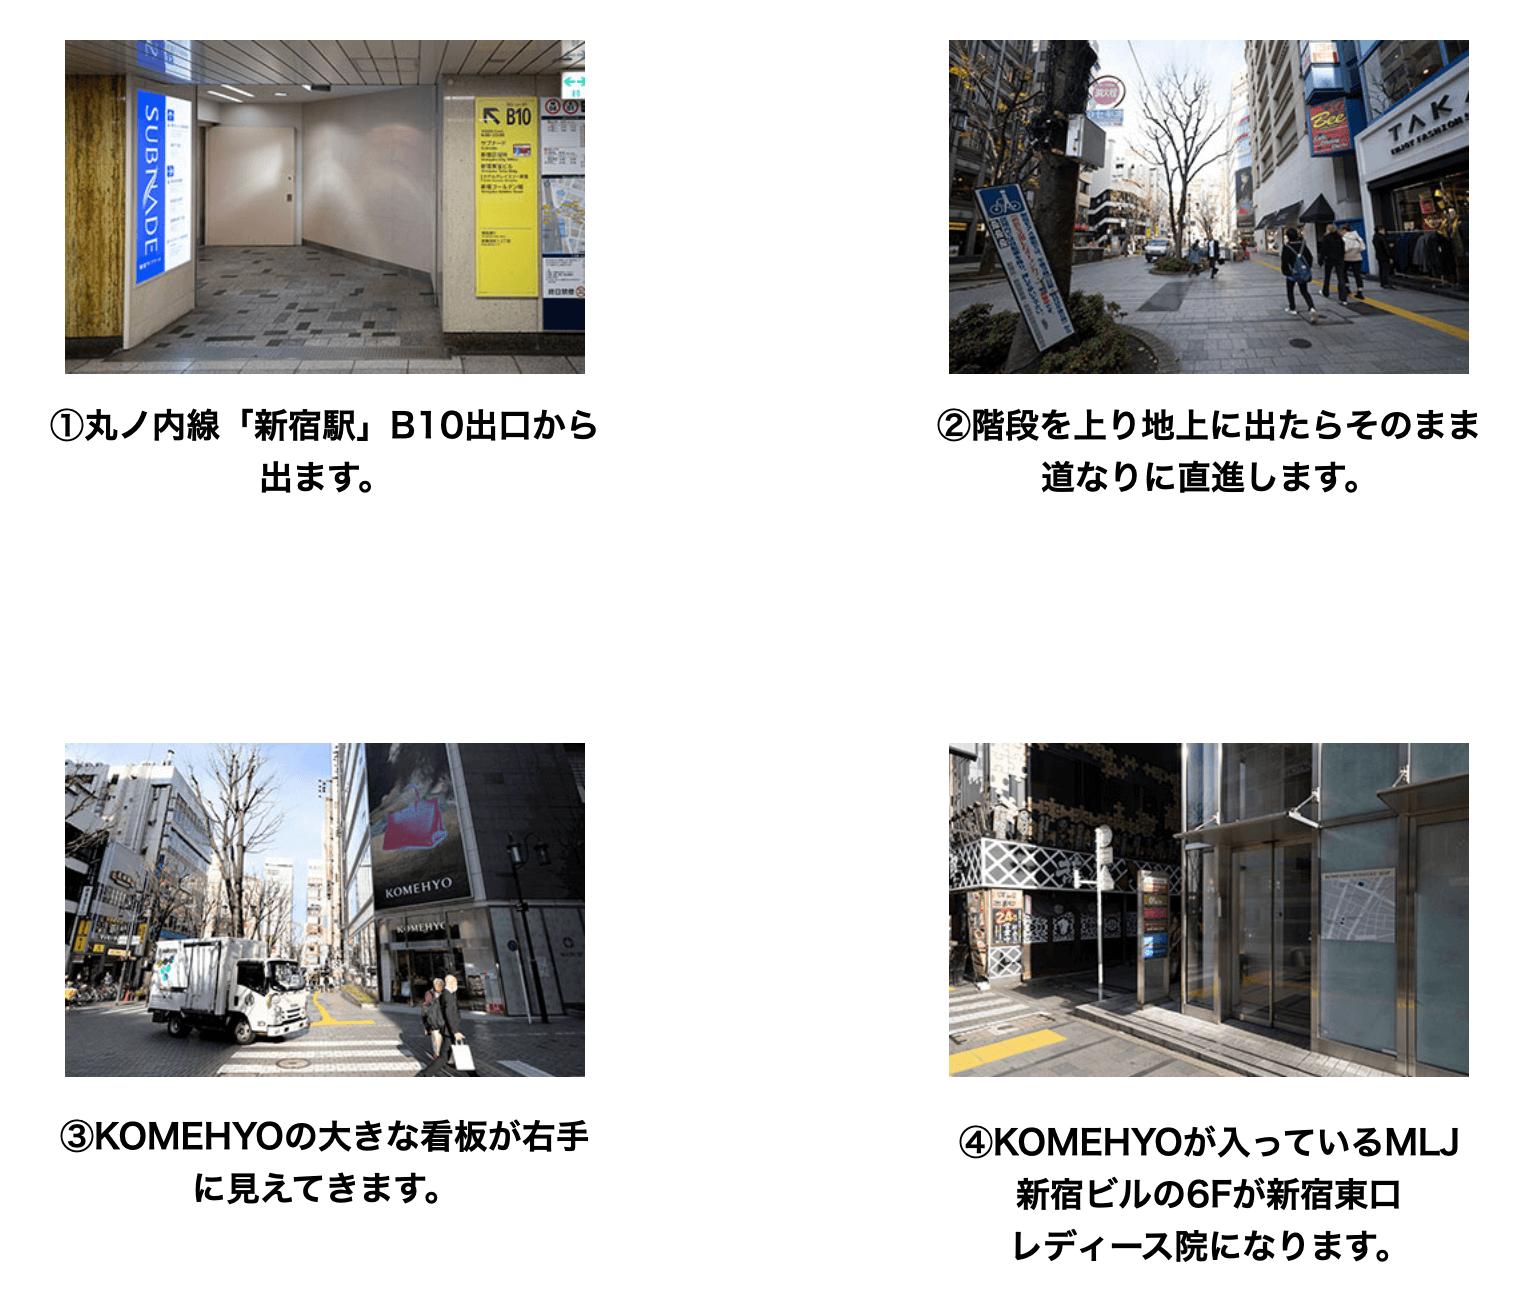 AGAスキンクリニック 新宿東口レディース院に迷わず辿り着くための完全MAP